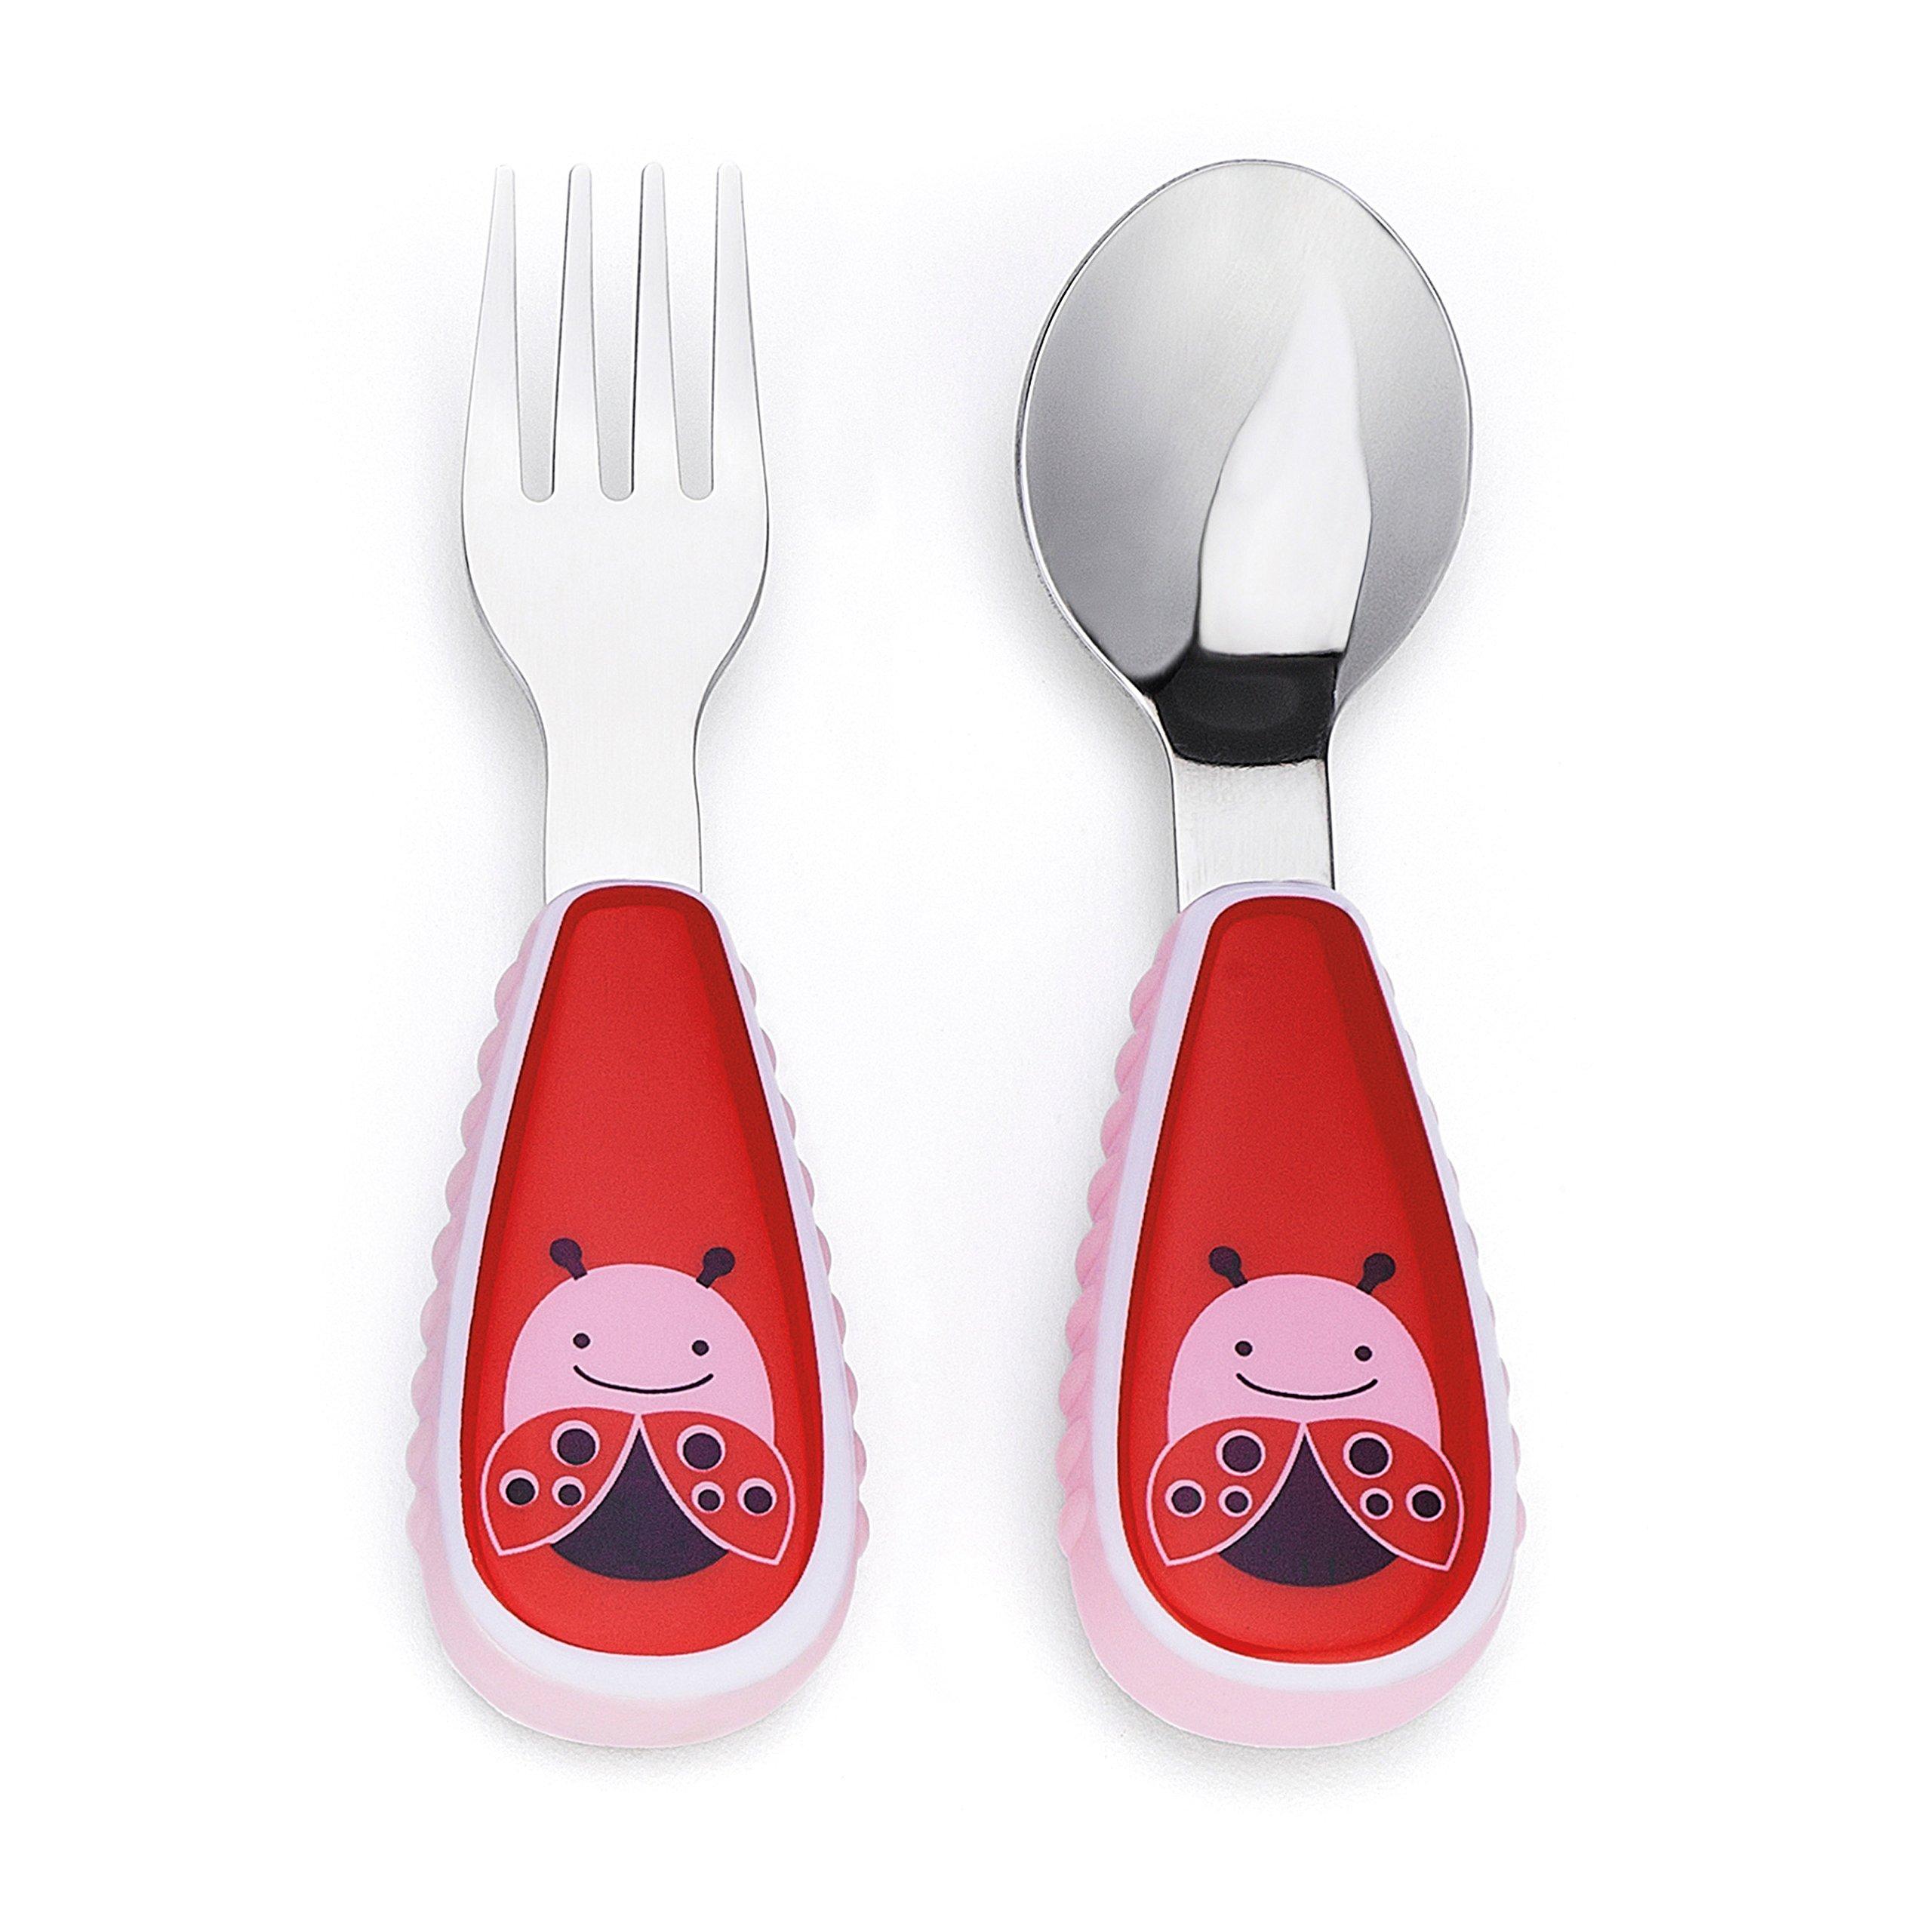 Skip Hop Toddler Utensils, Fork and Spoon Set,Ladybug